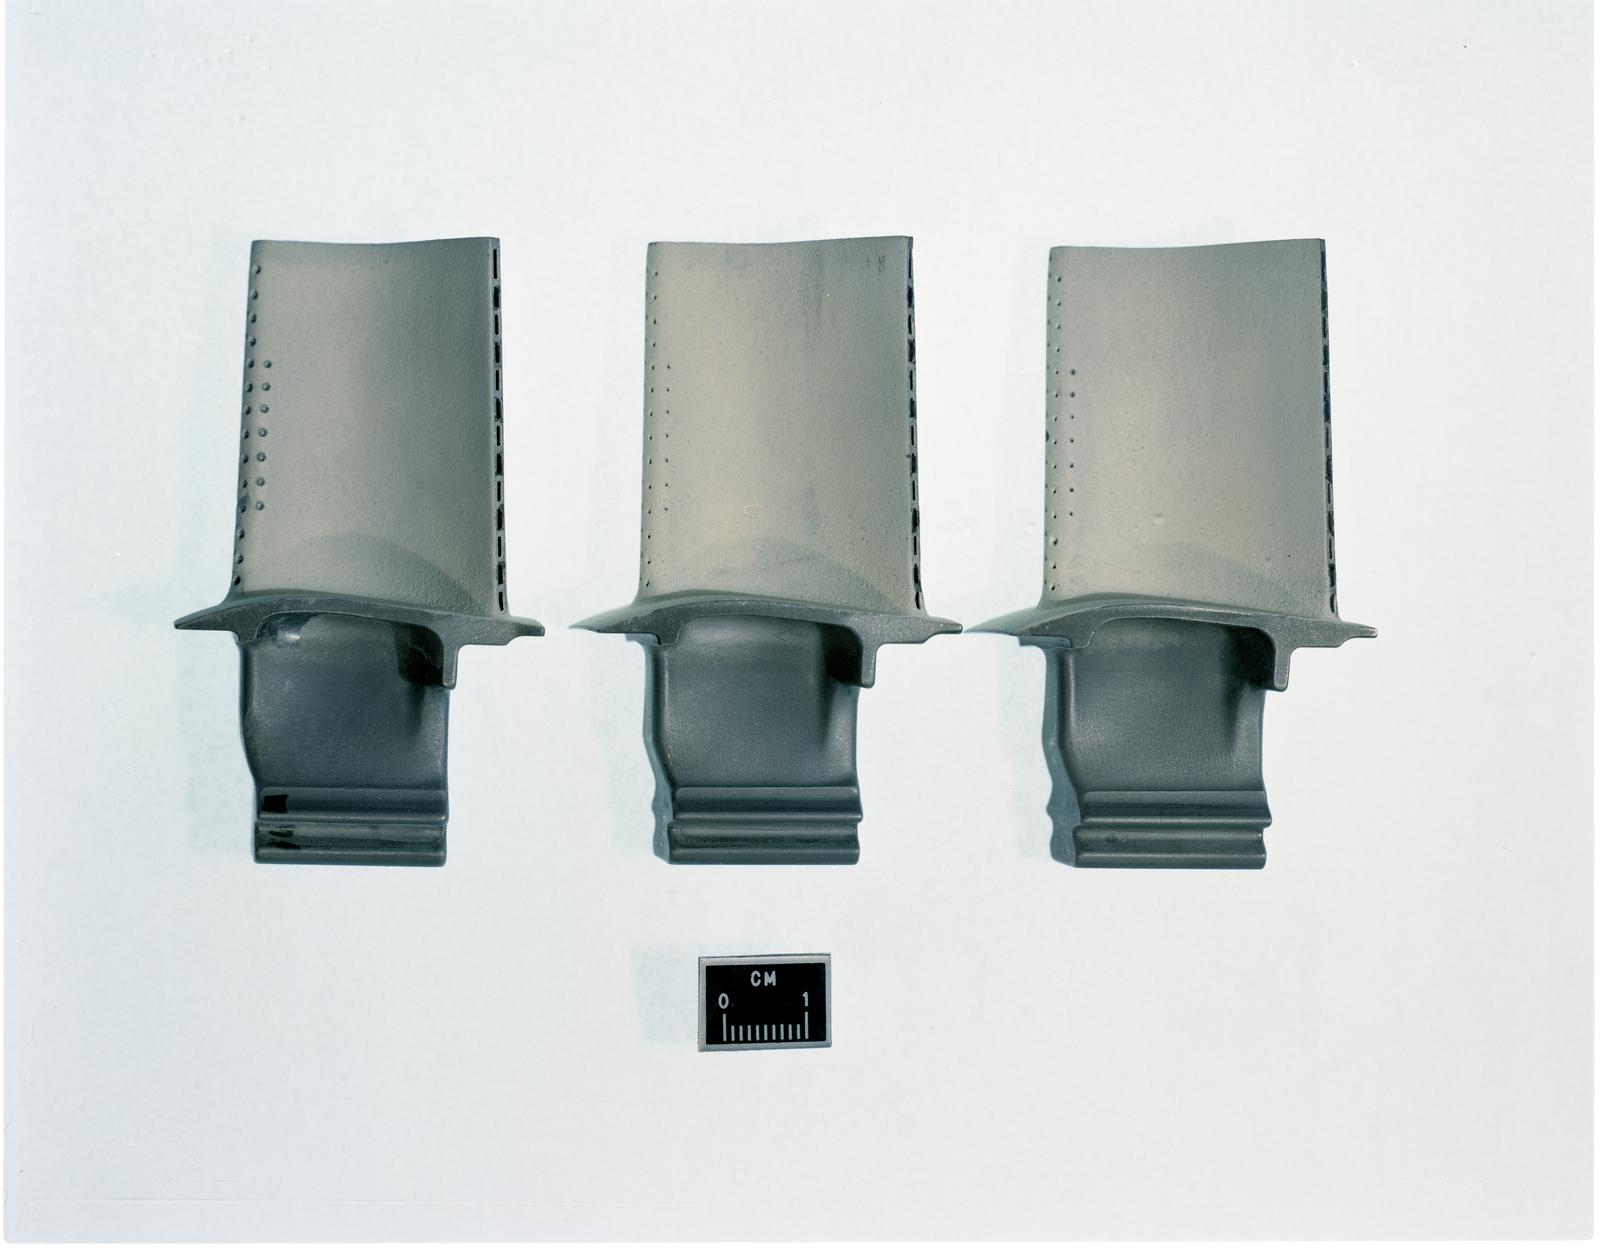 F100 COATED TURBINE BLADES